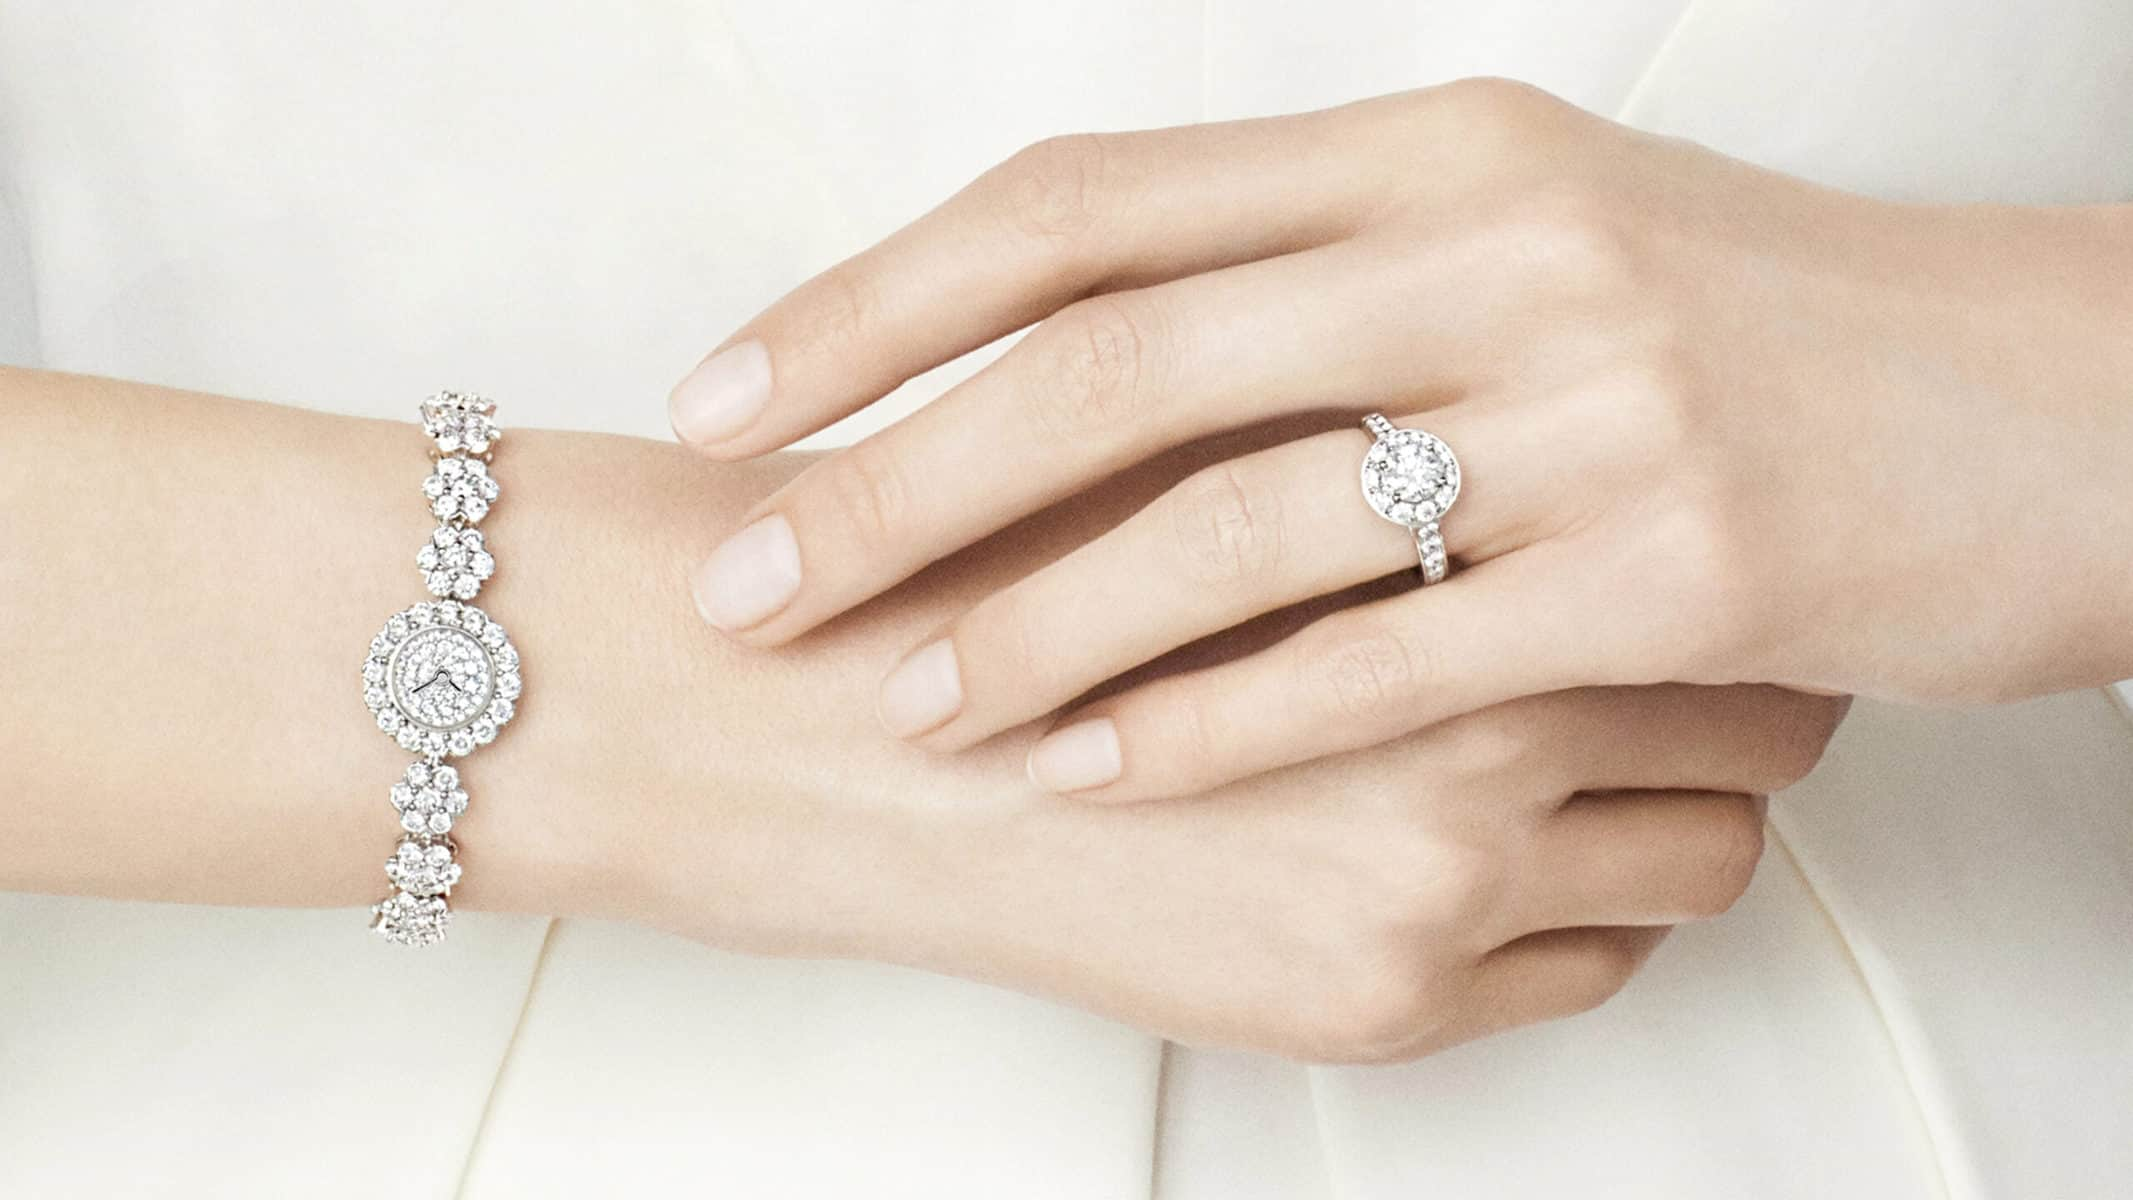 Van Cleef Halo Engagement Rings